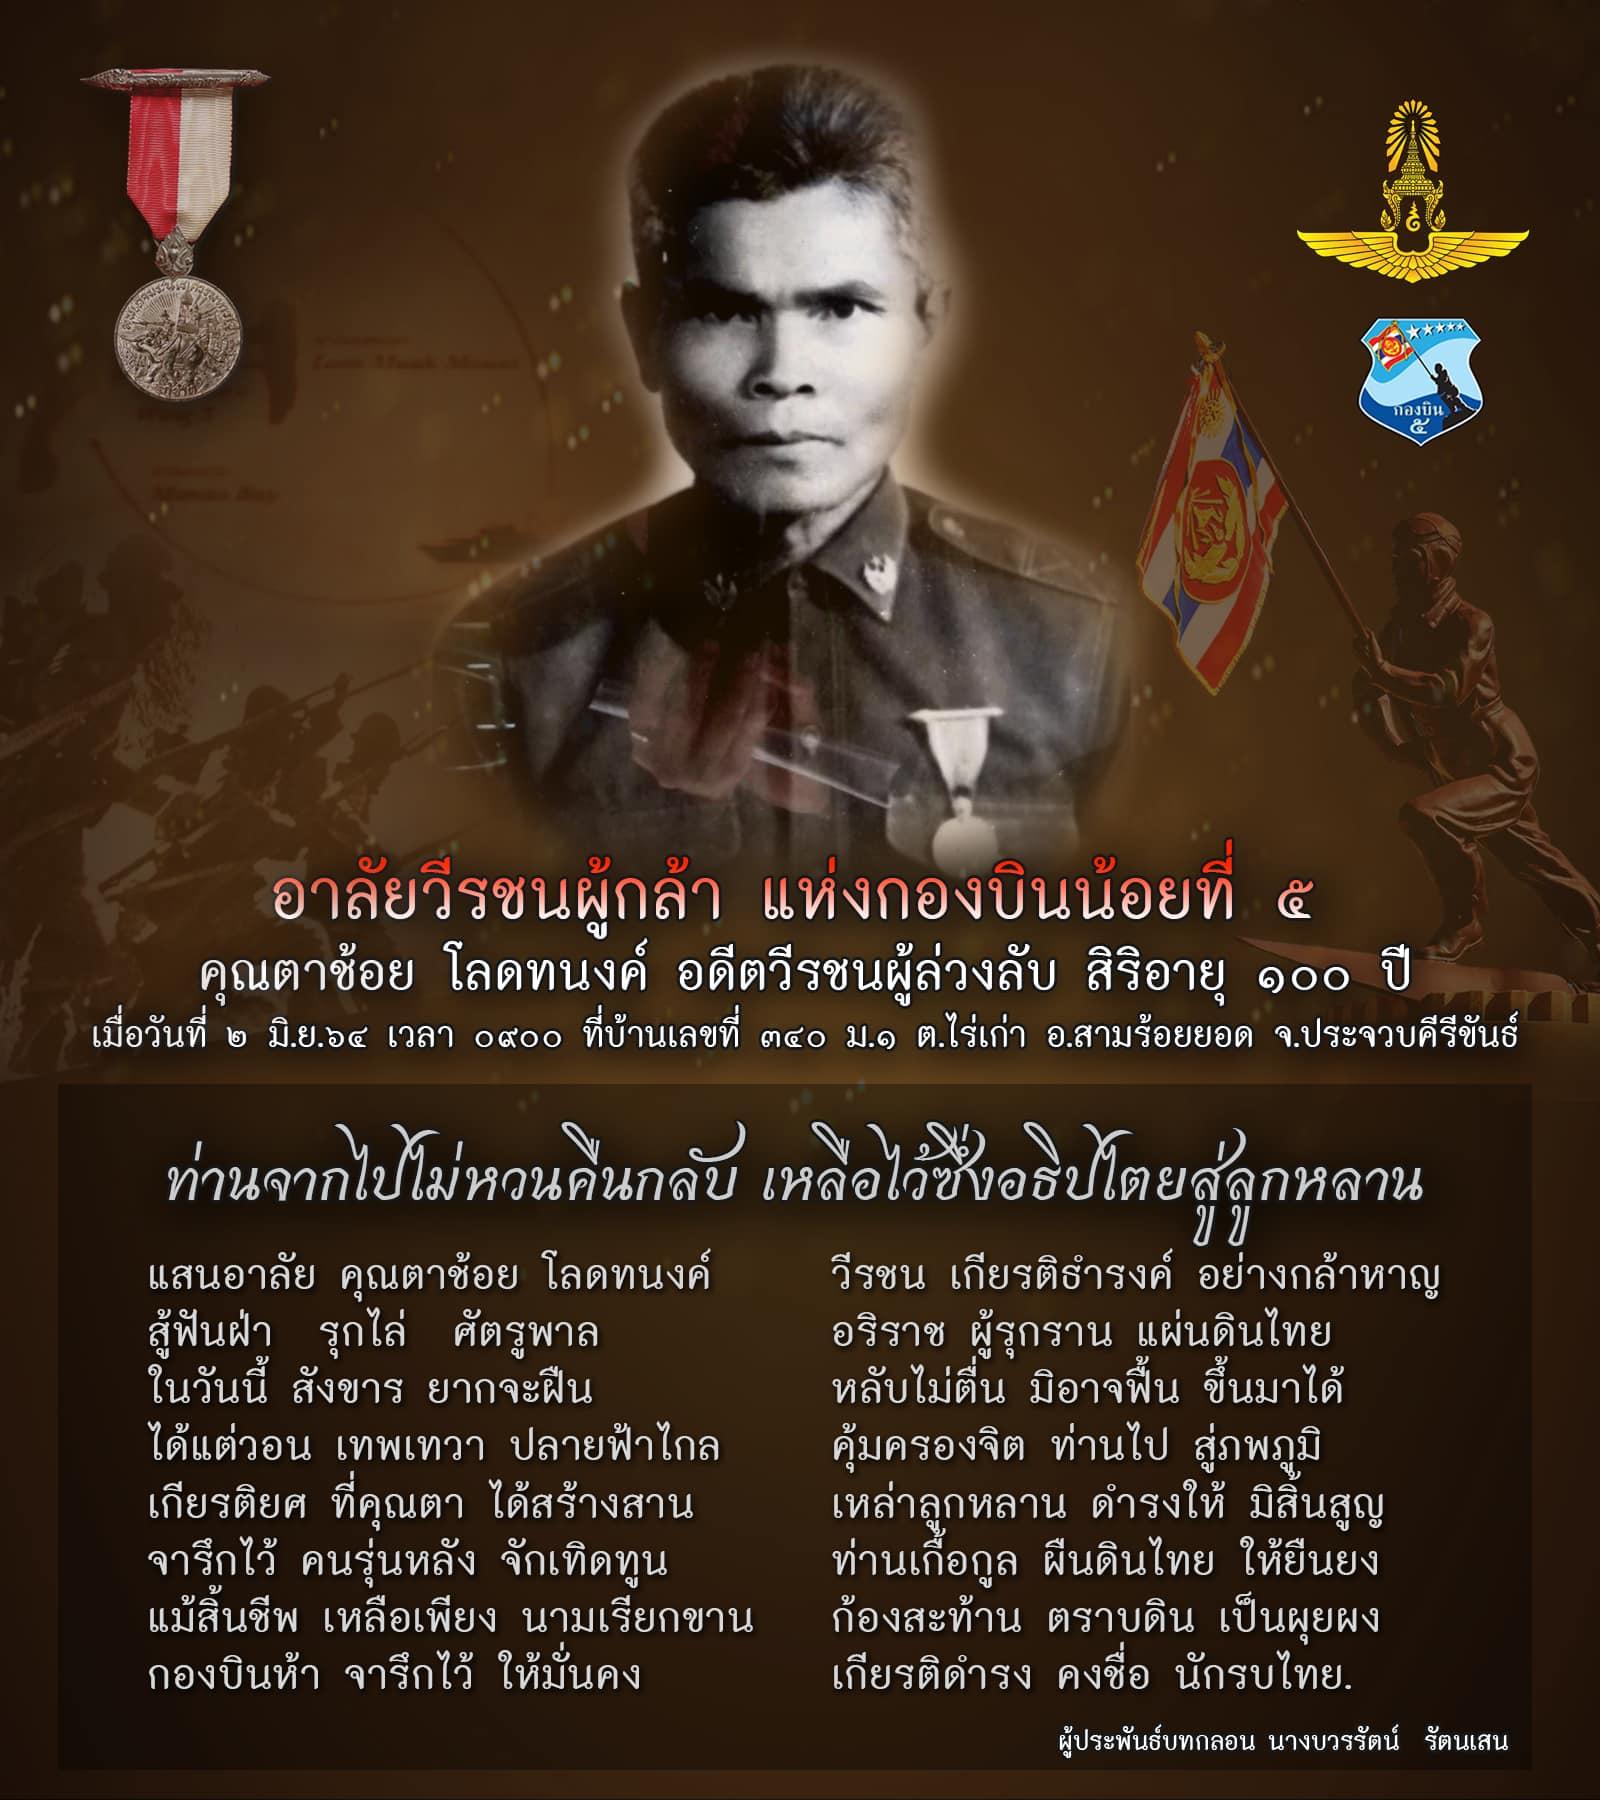 第二次世界大戦で日本軍と戦った最後のタイ人兵が死去